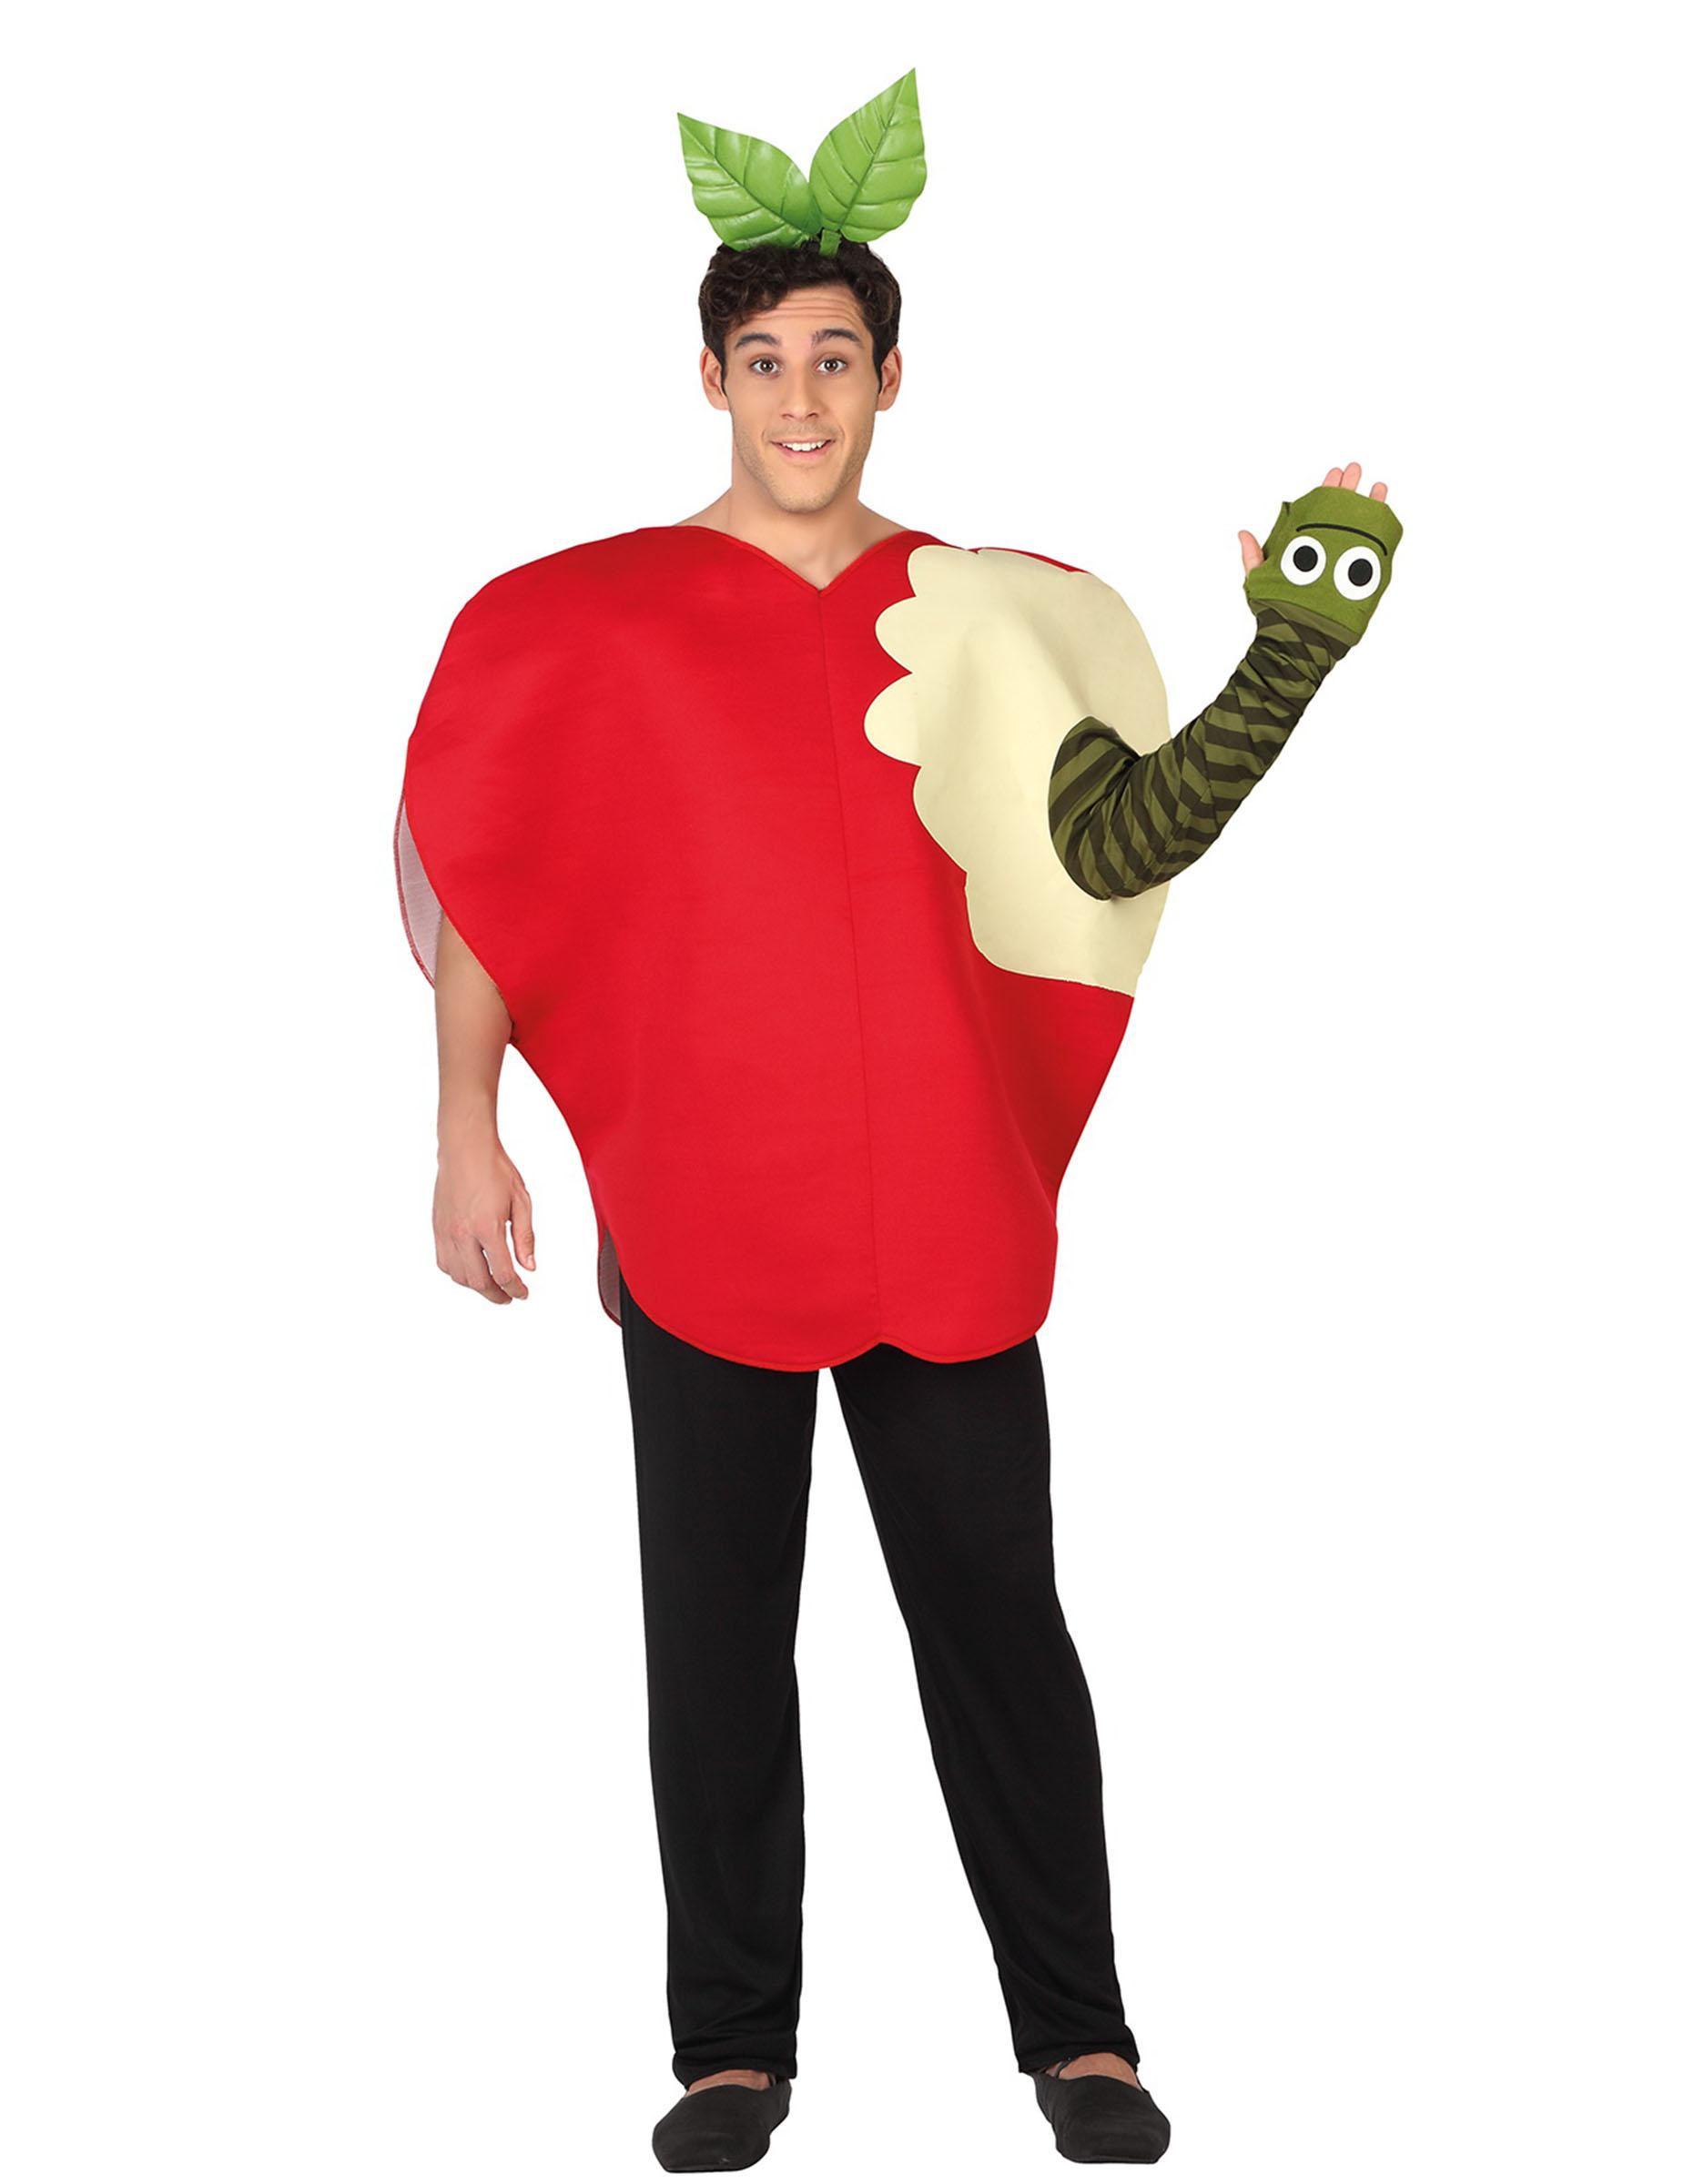 D guisement pomme homme deguise toi achat de d guisements adultes - Theme de deguisement ...